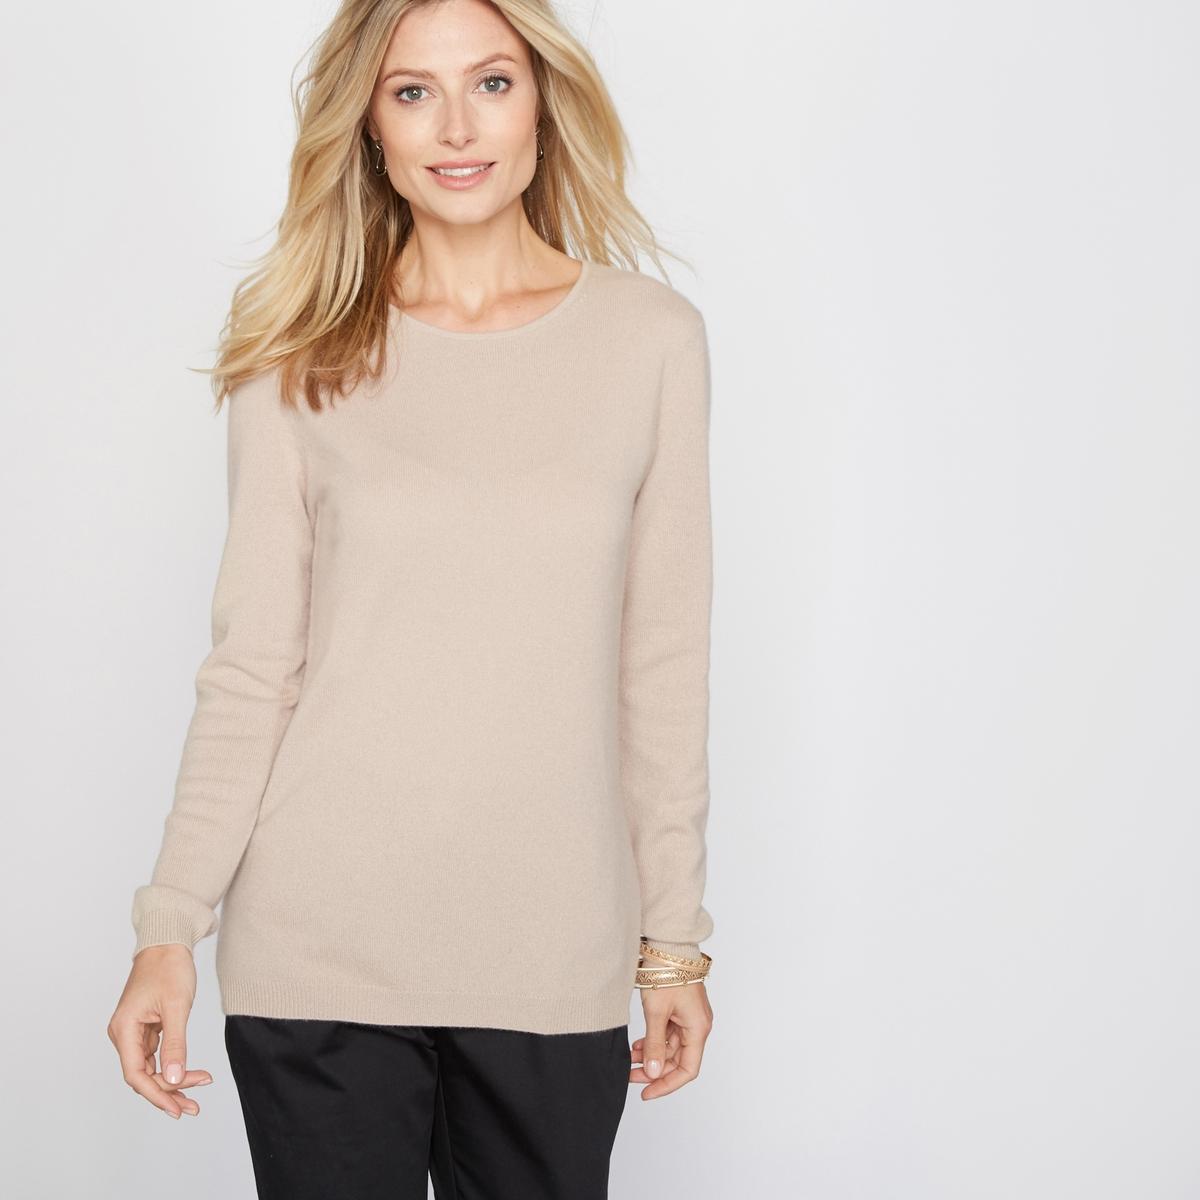 Пуловер, 100% кашемира, с круглым вырезом из тонкого трикотажаПодарите себе наслаждение невероятной легкостью, мягкостью и теплом кашемира! Нежнейший трикотаж, 100% кашемира. Круглый вырез. Низ длинных рукавов и пуловера связан в рубчик. Длина 60 см.<br><br>Цвет: бежевый экрю<br>Размер: 42/44 (FR) - 48/50 (RUS).50/52 (FR) - 56/58 (RUS)